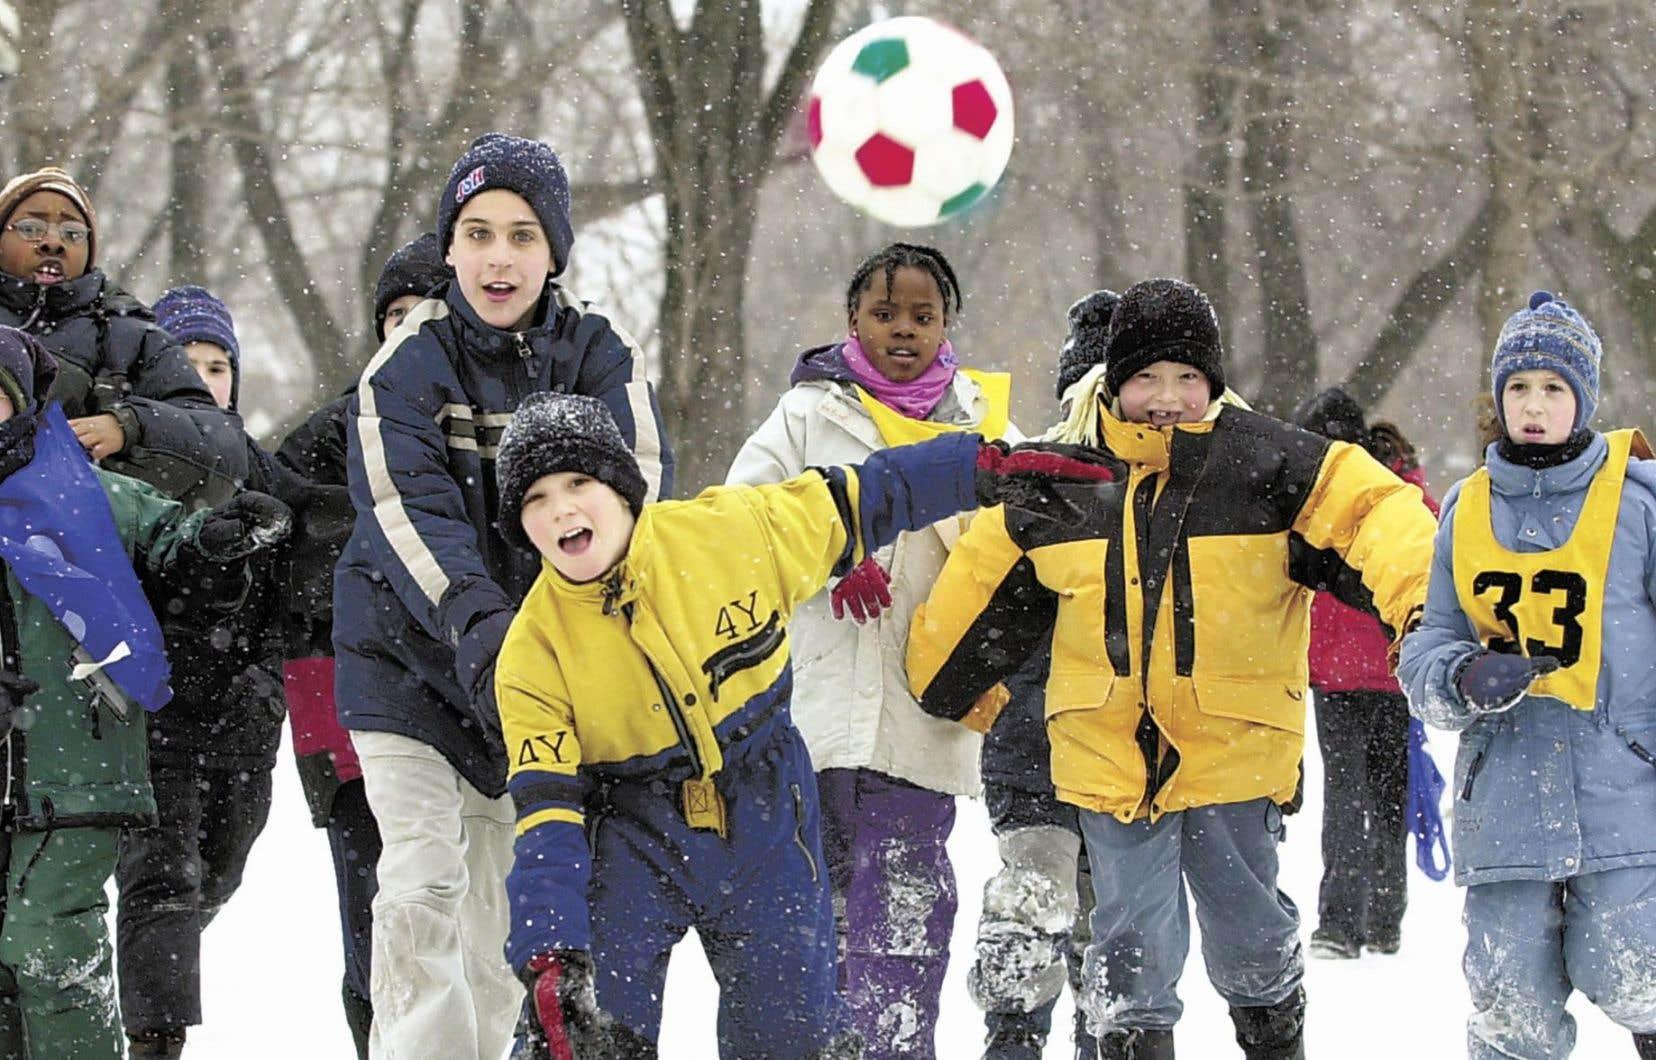 La fin du « partenariat » entre la Fondation Lucie et André Chagnon et le gouvernement du Québec se traduira également par la fin des activités de l'OBNL Québec en forme, dont la mission est d'encourager l'activité physique auprès des jeunes.